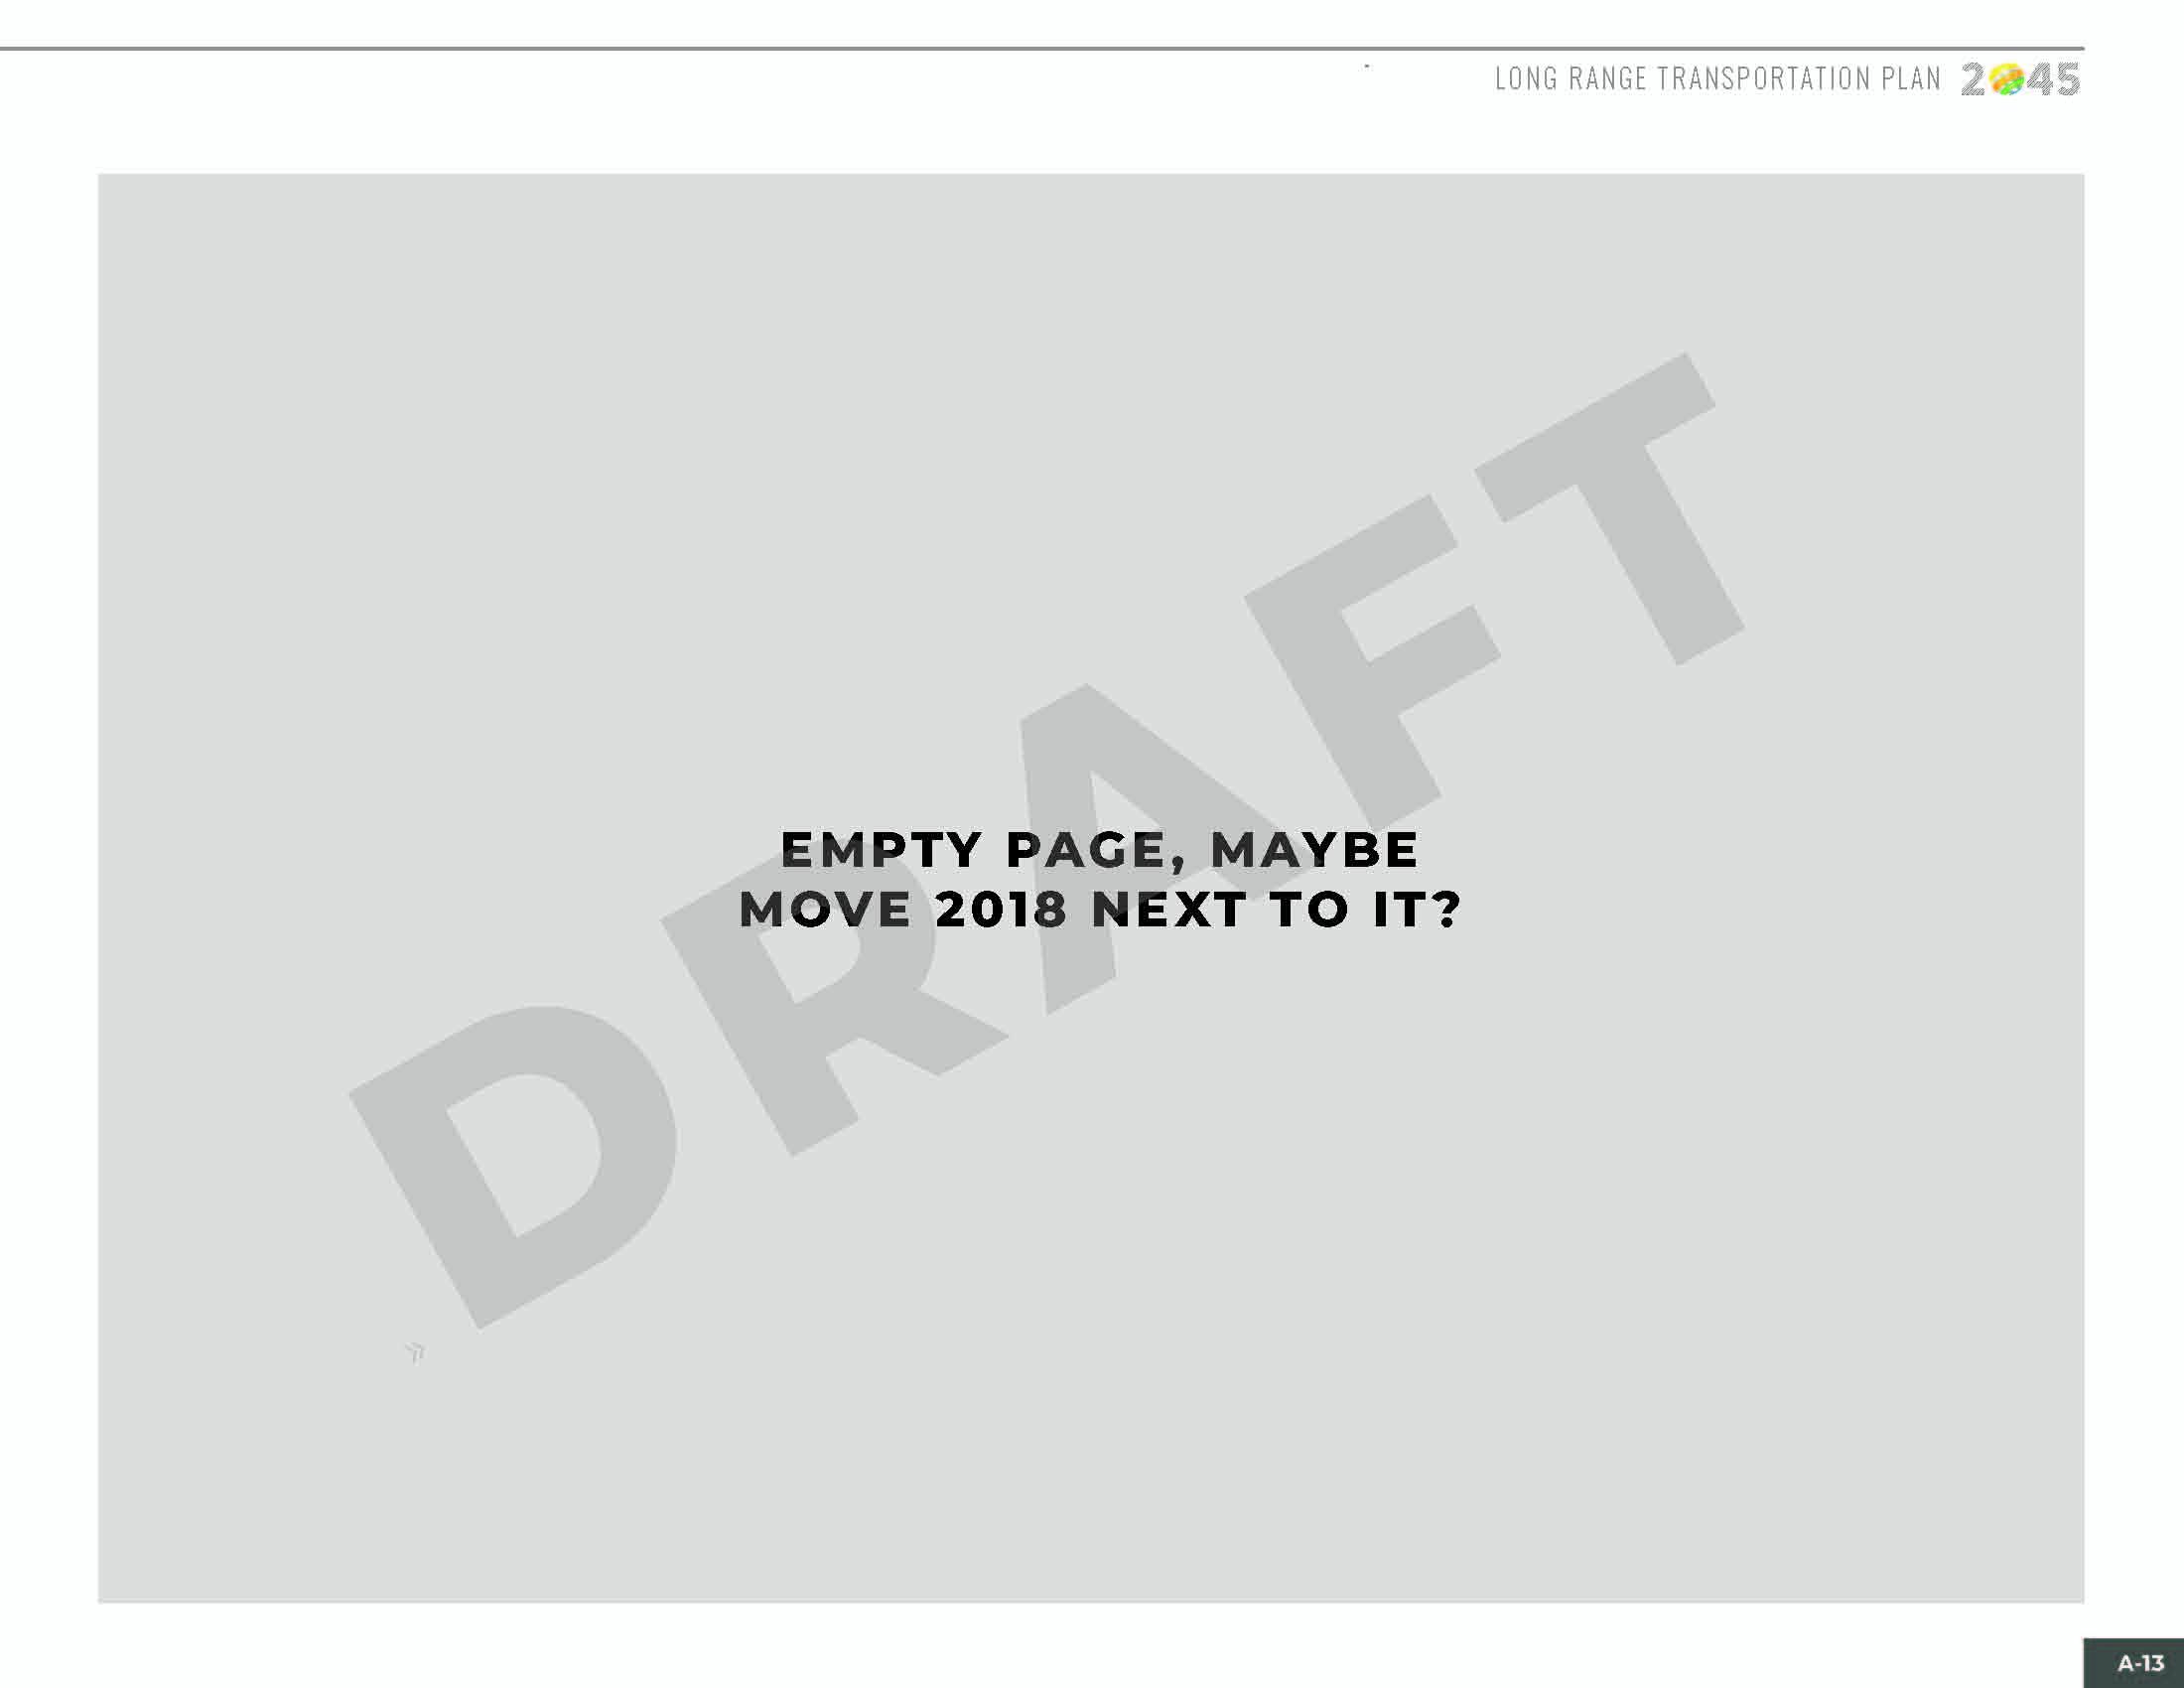 LRTP_072319_Page_197.jpg